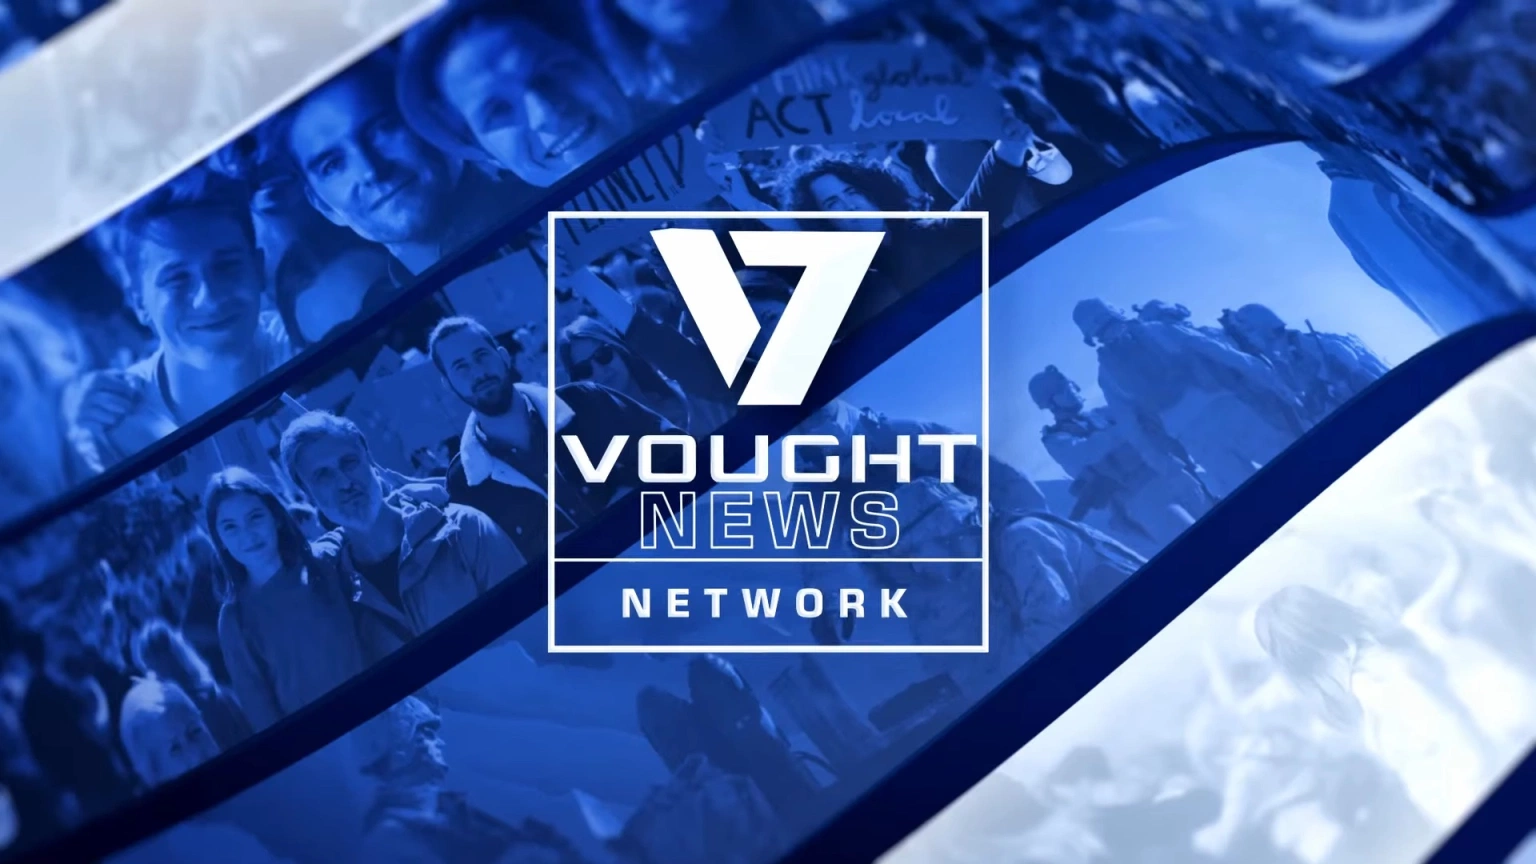 Vought News Network